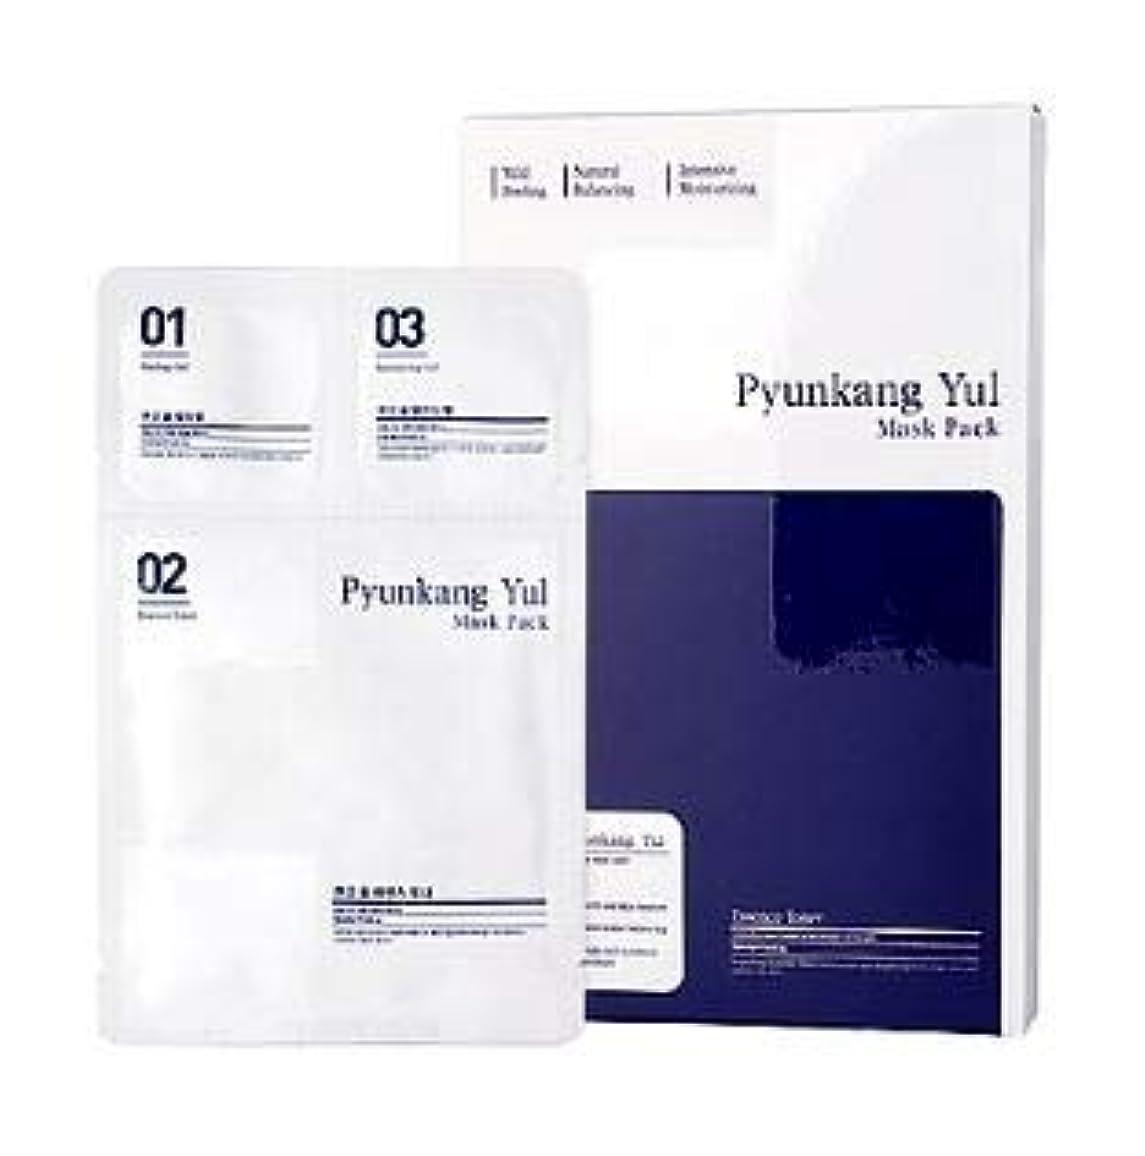 公鋭く発明[Pyunkang Yul] 3 Step Mask Pack (5ea) /[扁康率(PYUNKANG YUL)] 3 ステップ マスク パック (5枚) [並行輸入品]